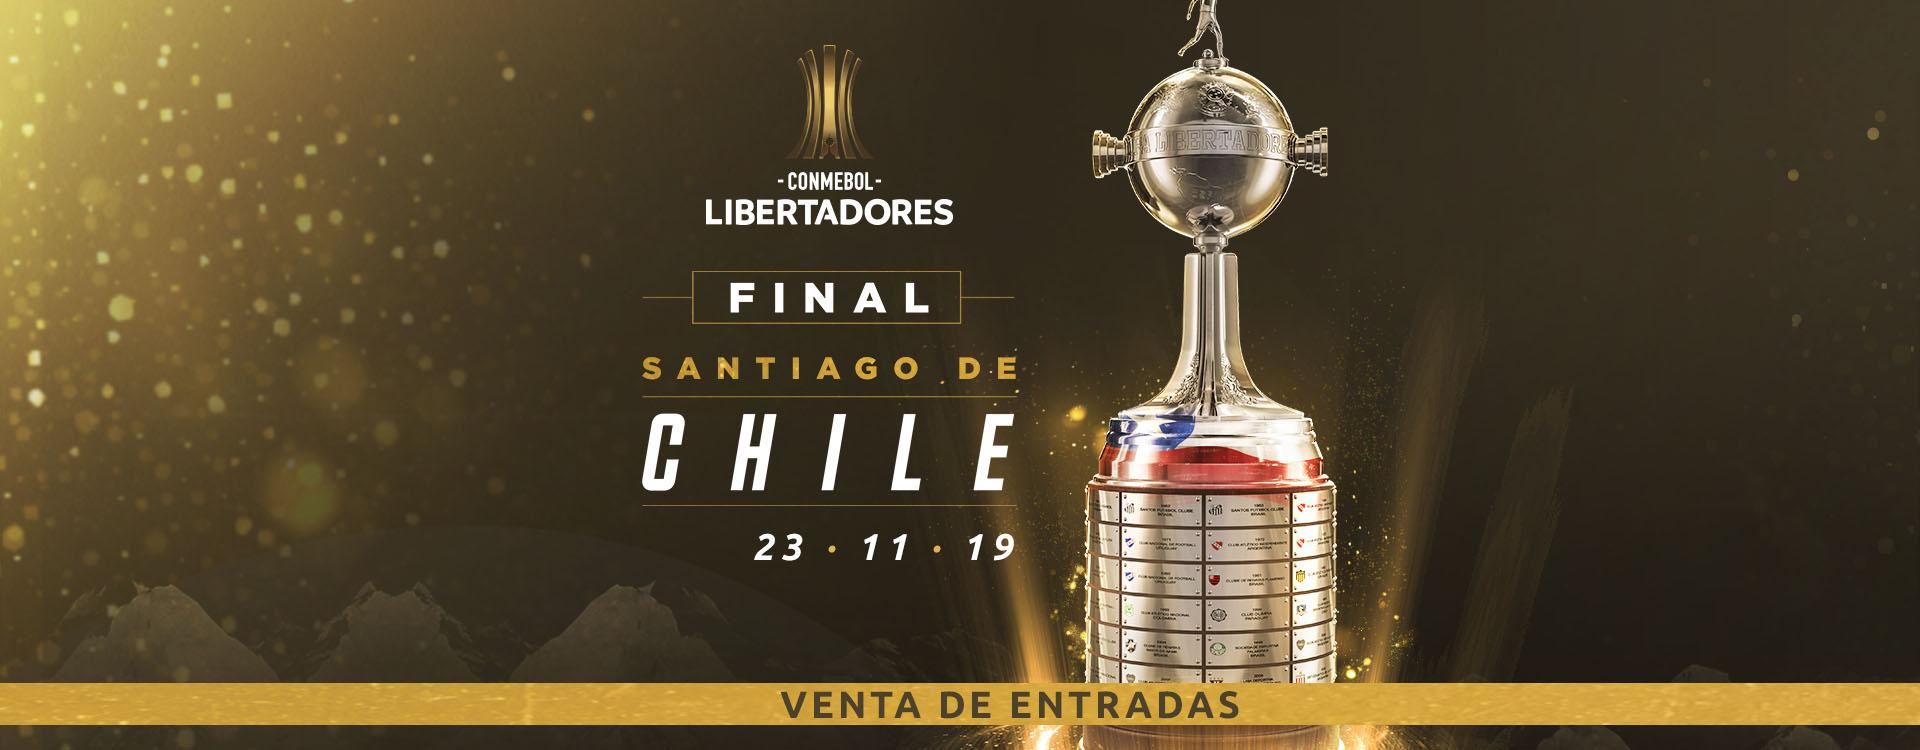 Conmebol puso a la venta las entradas para la final de la Libertadores: valen más de 8 mil pesos